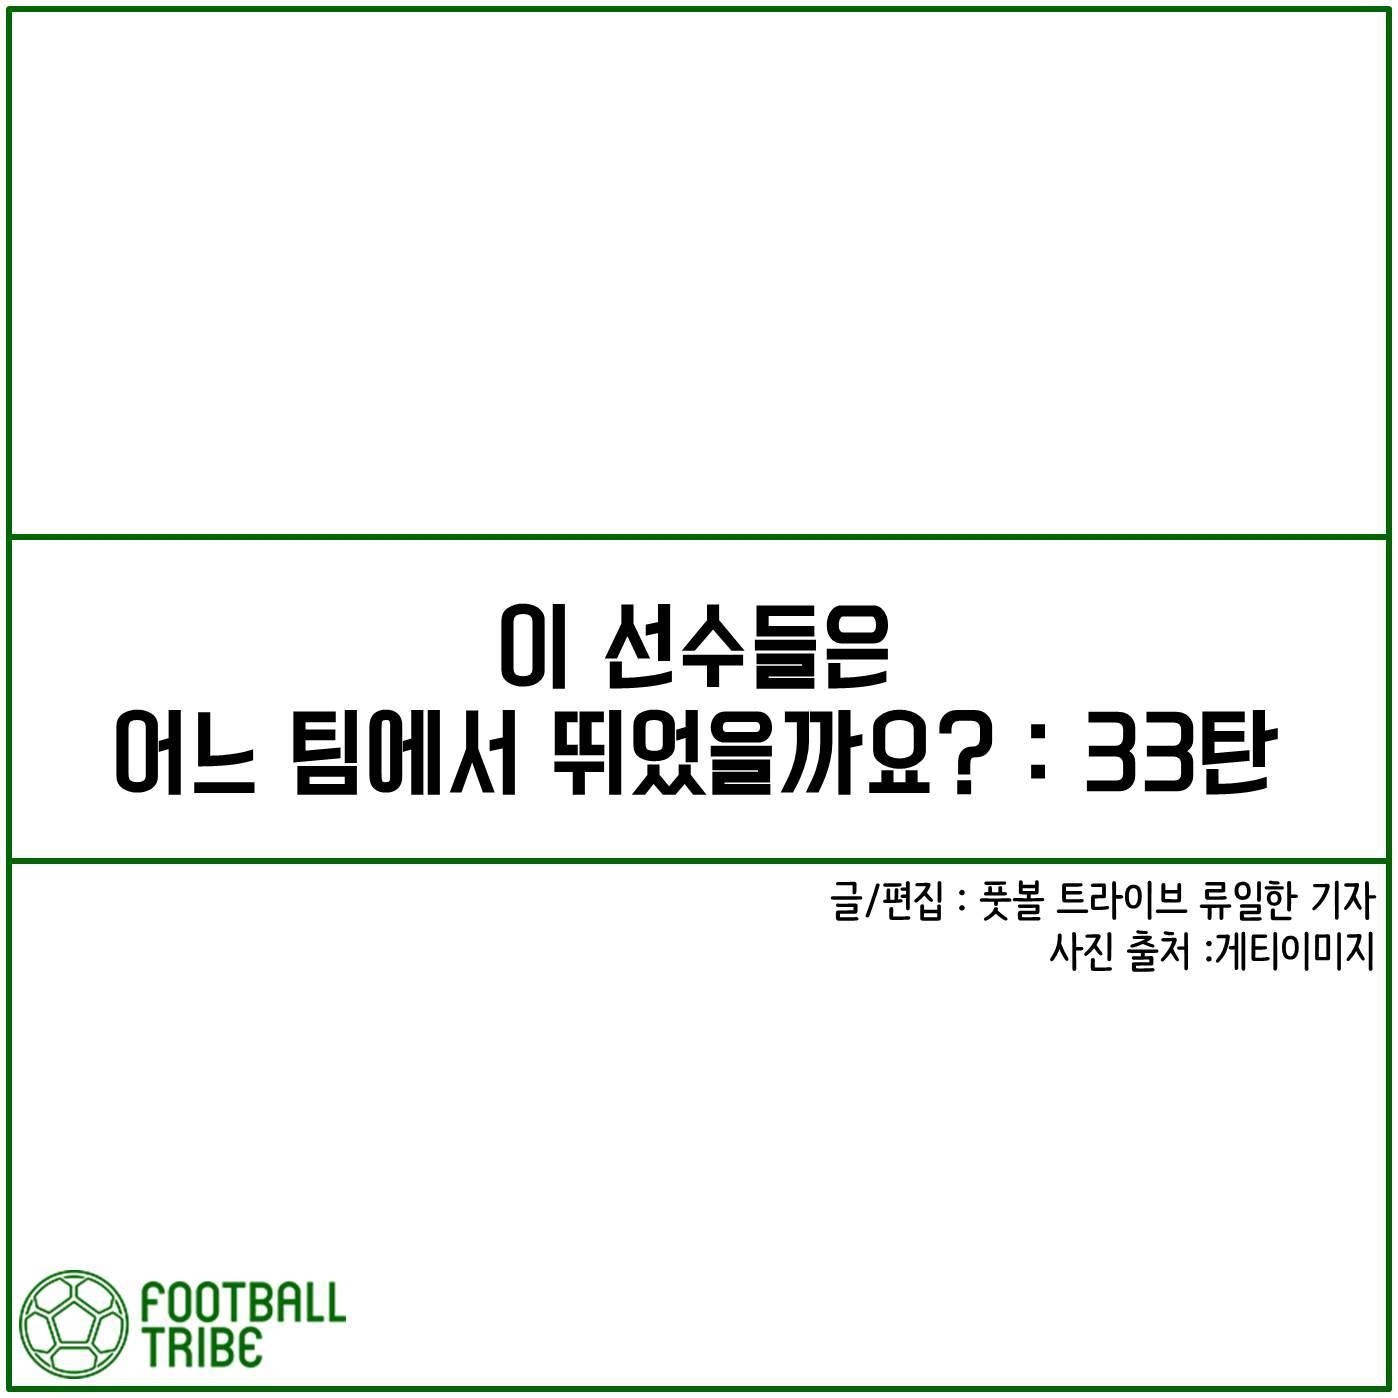 [카드 뉴스] 이 선수들은 어느 팀에서 뛰었을까요?: 33탄